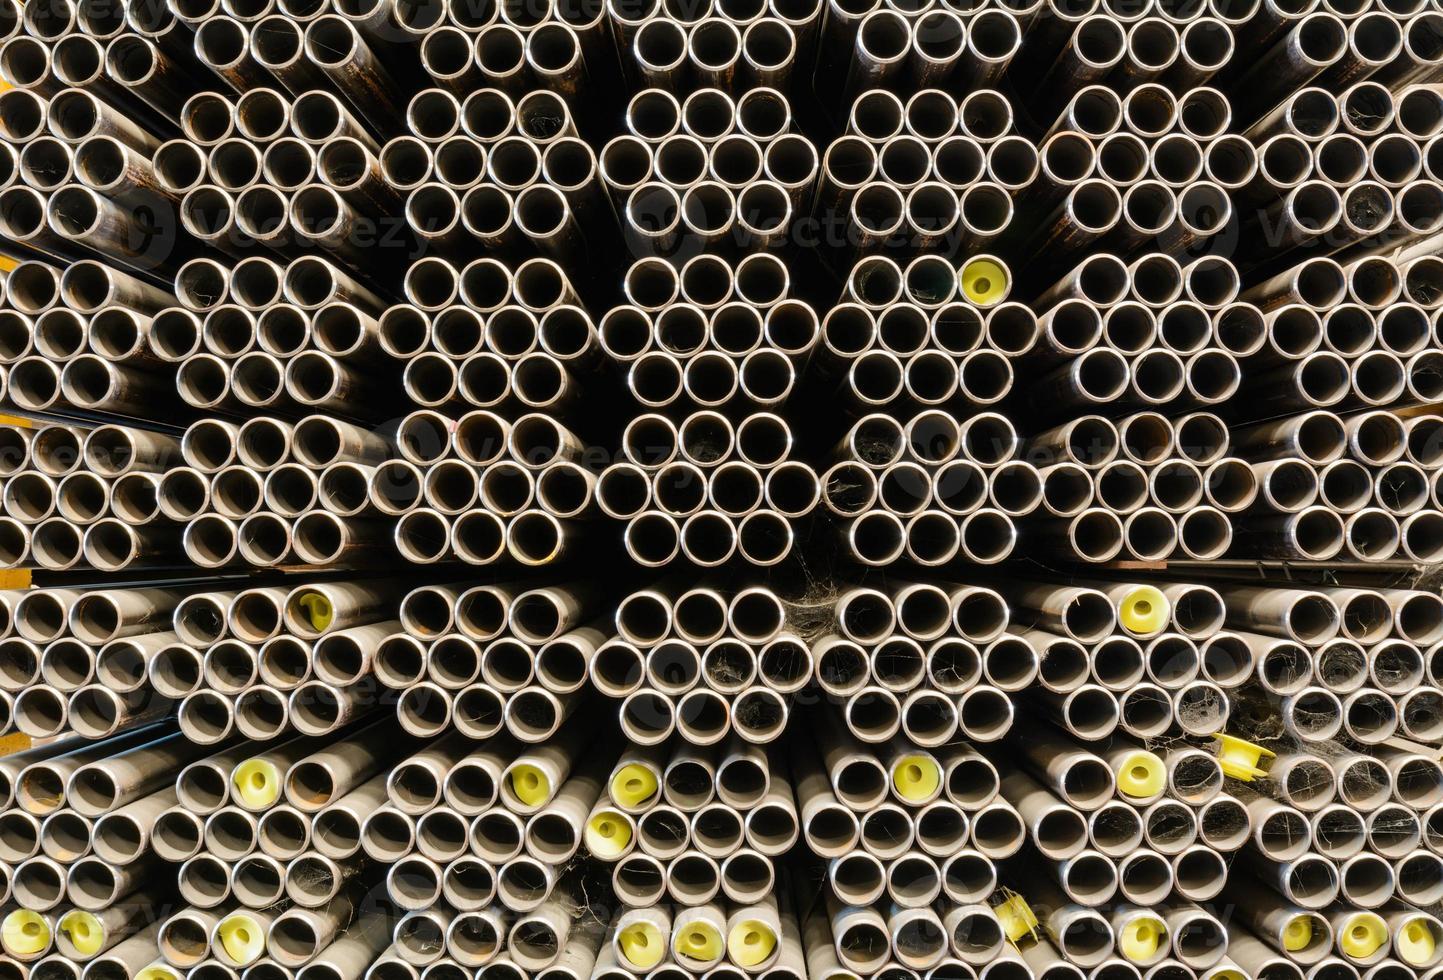 bando de tubos de aço em armazém foto